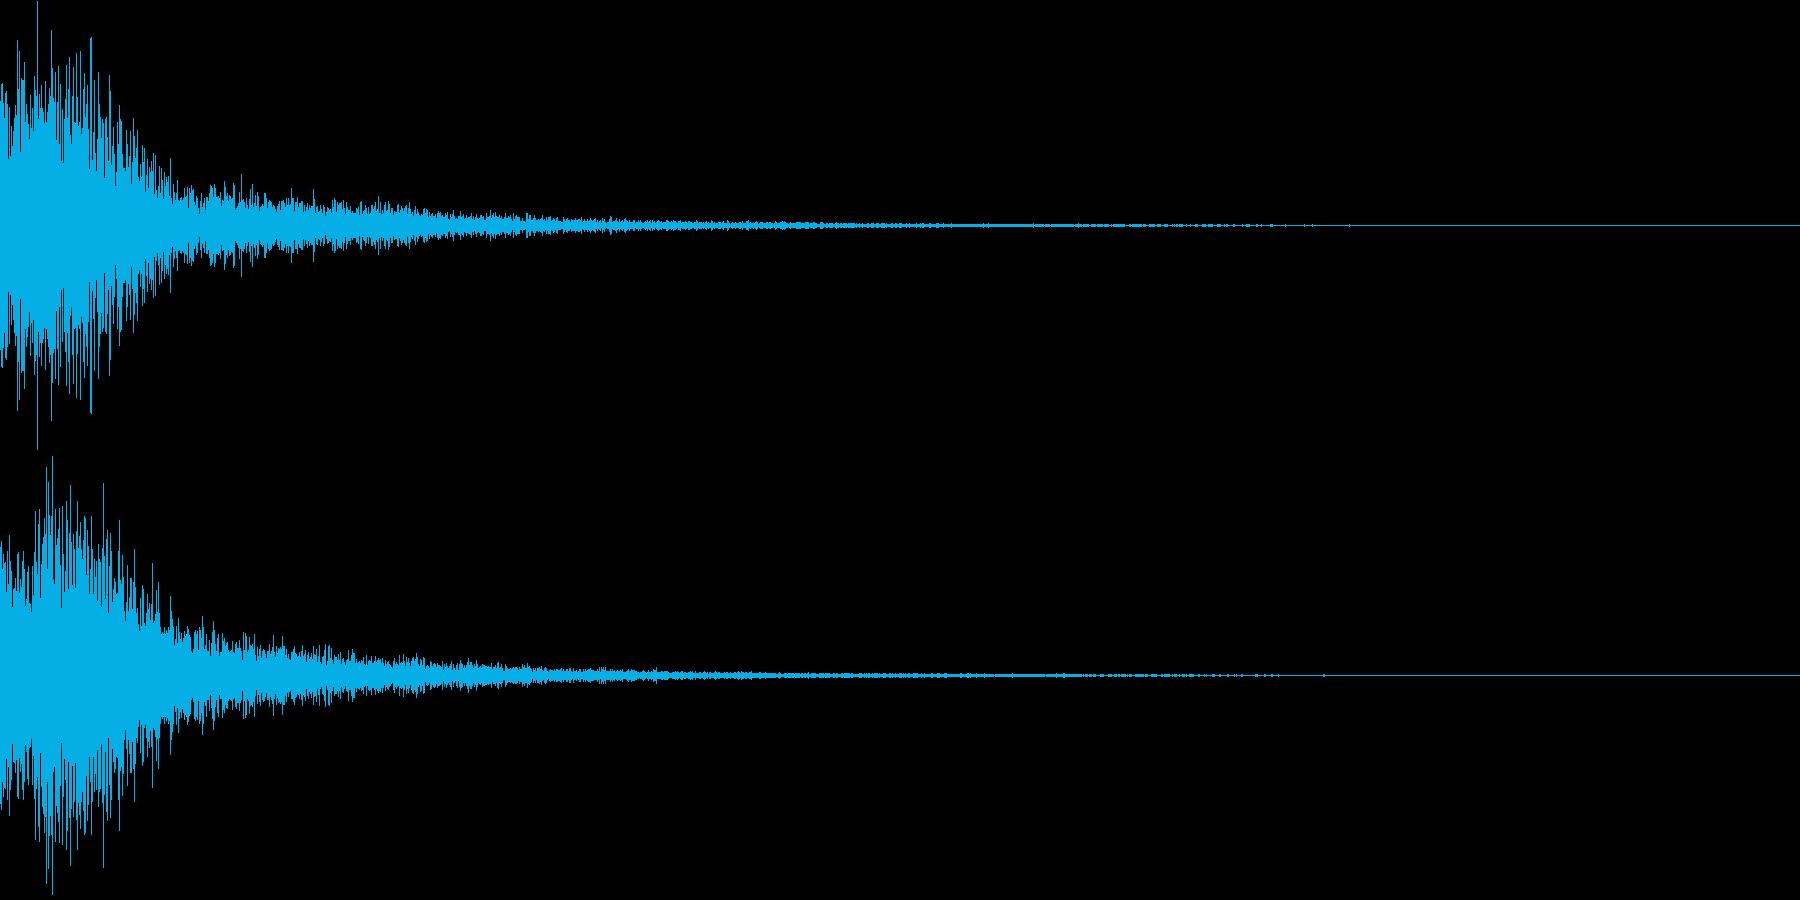 ジャン(ポップなオーケストラヒット高め)の再生済みの波形